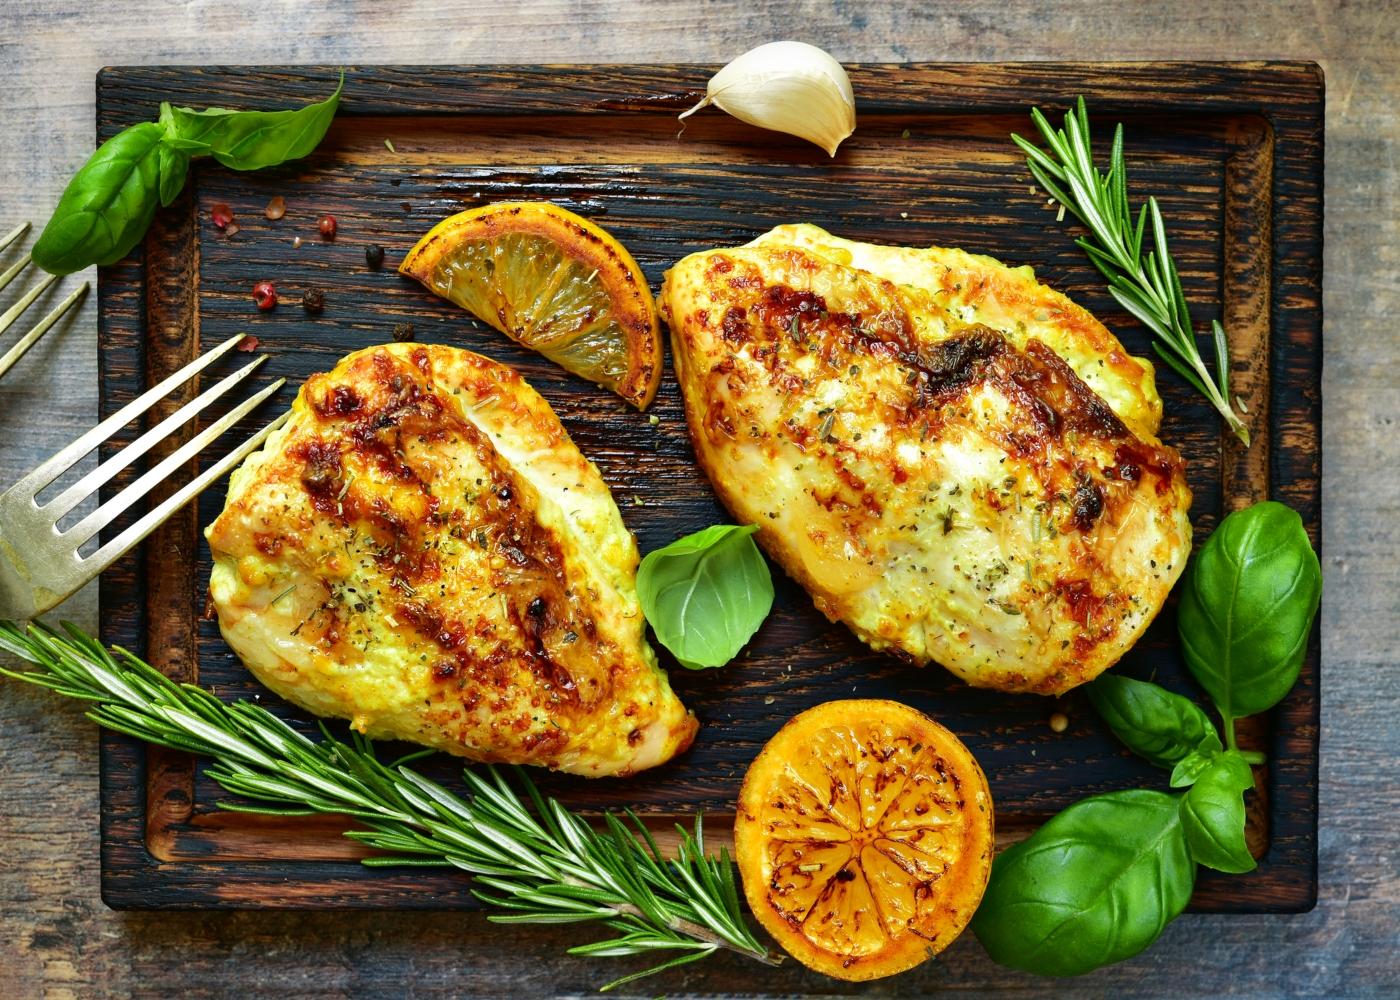 dois peitos de frango assados no forno com limão